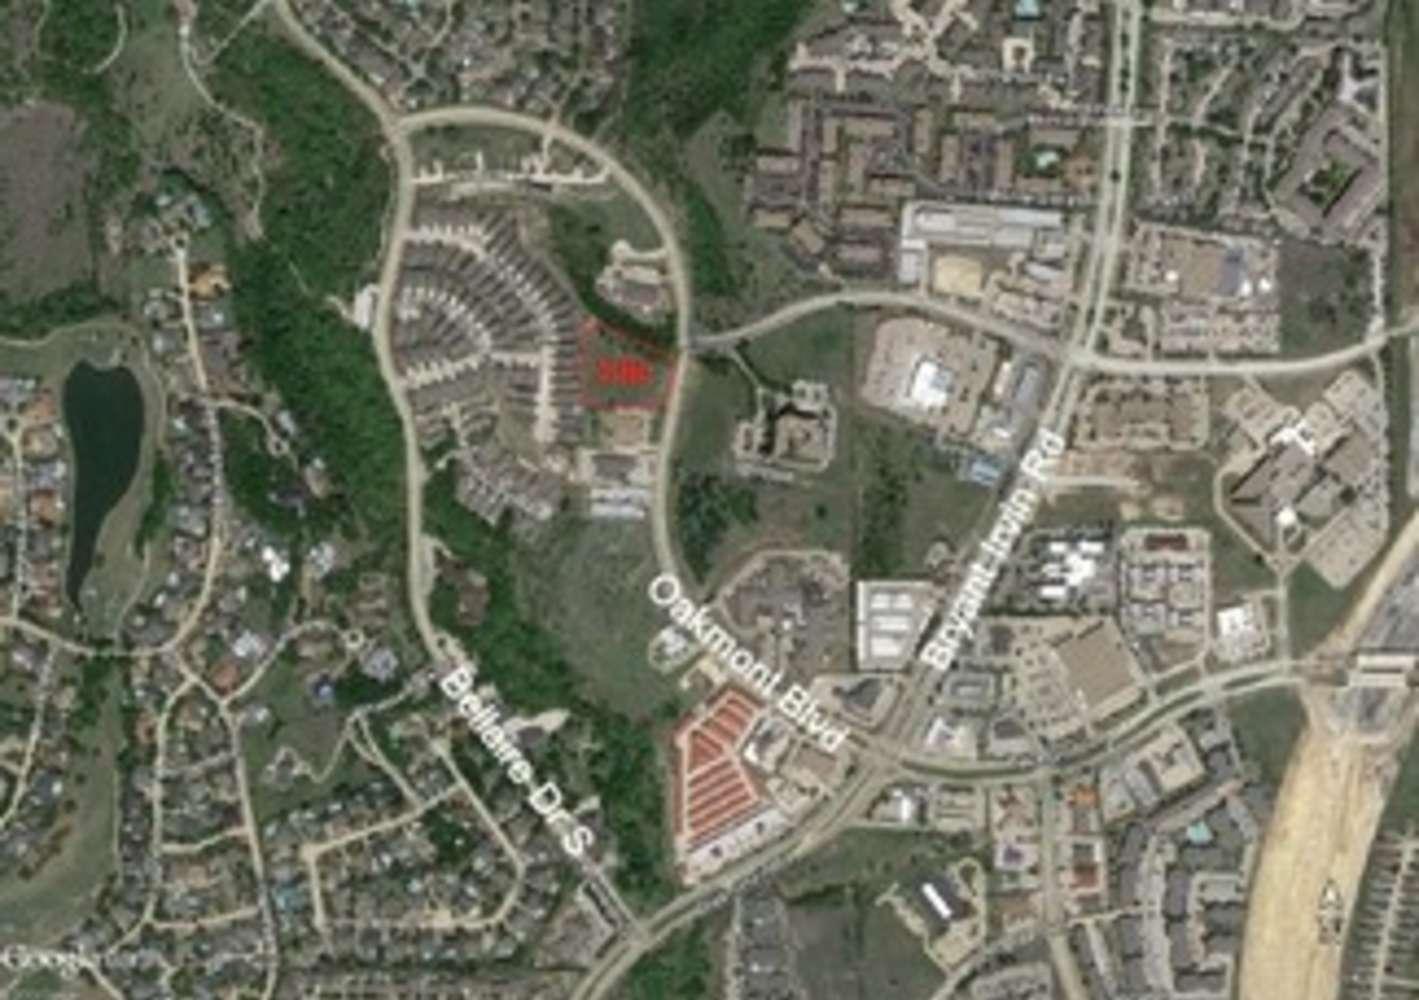 Land Fort worth, 76132 - Oakmont Blvd